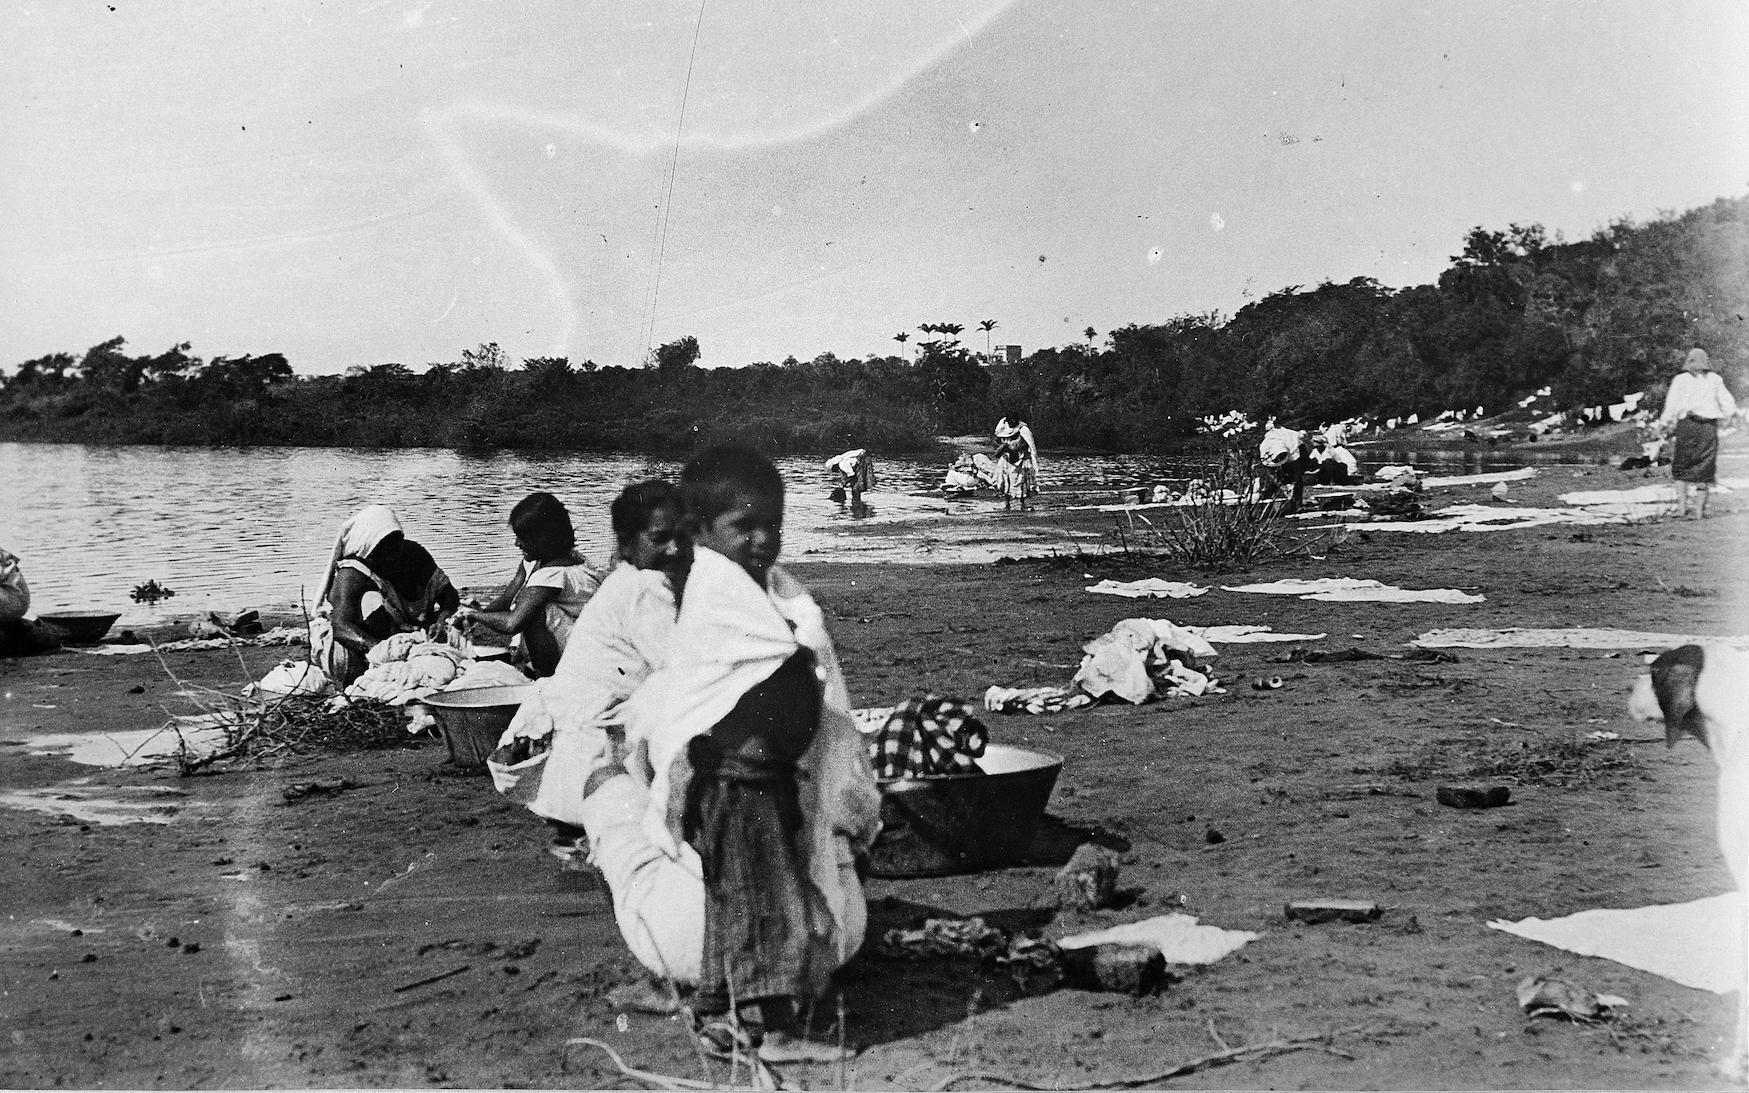 El trabajo de las lavanderas en las costas del río Paraguay, en arroyos, manantiales y fuentes, fue prohibido. Foto: Auguste François, 1895. Cortesía Asociación Auguste François.